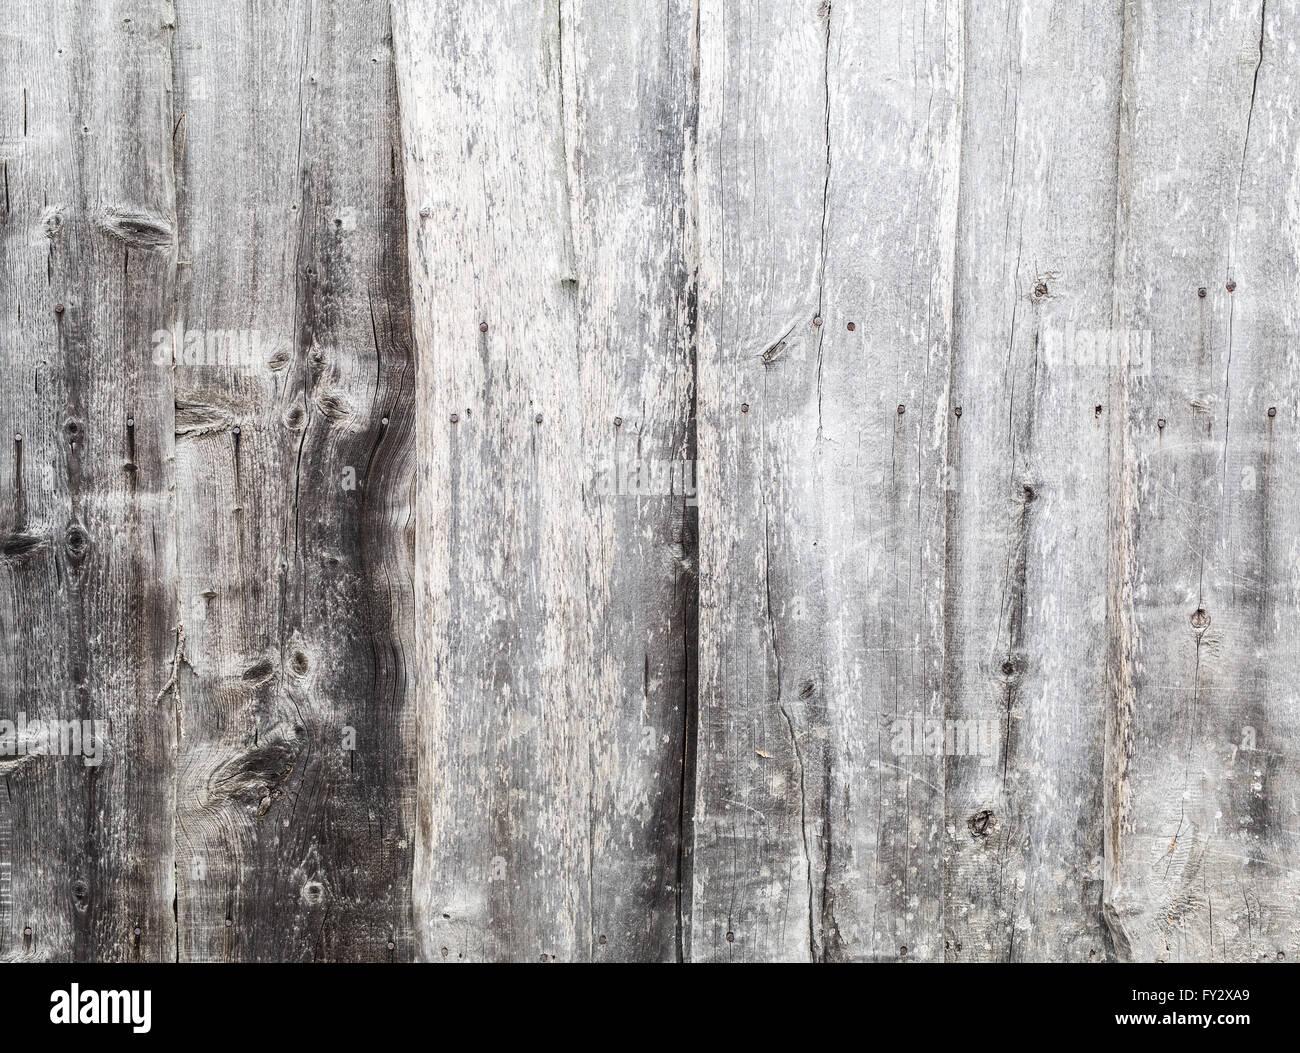 Vecchio grigio Sfondo di legno. Immagine della struttura in legno. Immagini  Stock c9d5c1681c90